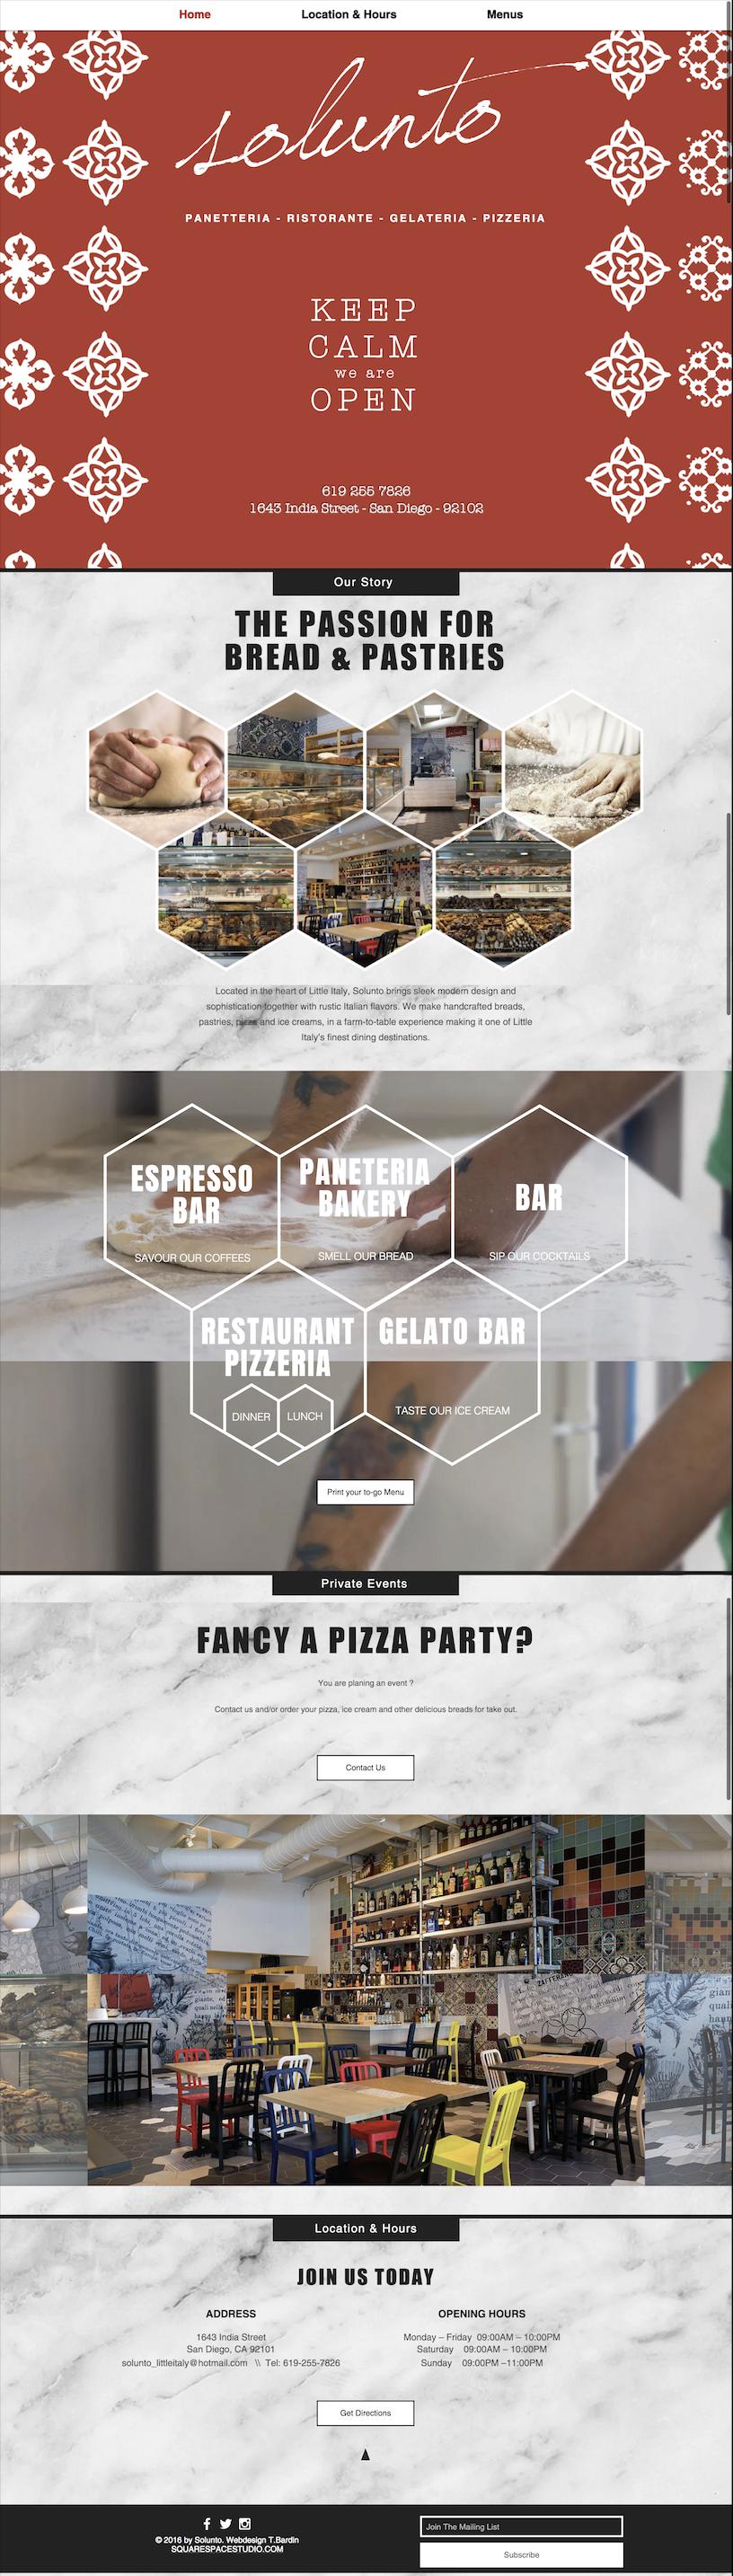 Website Solunto Restaurant by SquareSpaceStudio best webdesign san diego